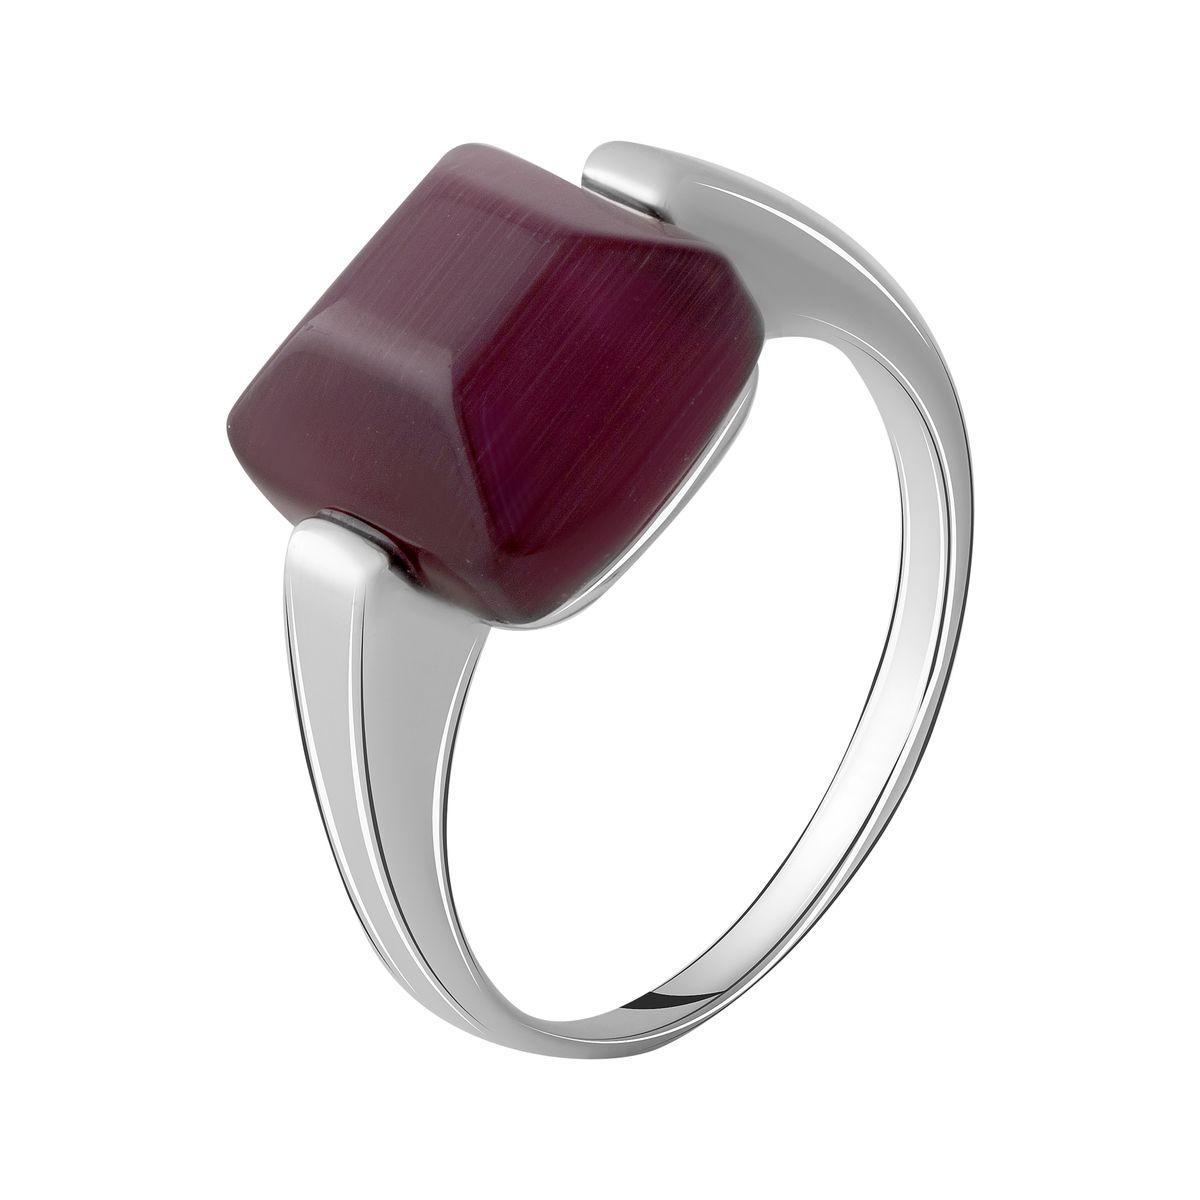 Серебряное кольцо DreamJewelry с кошачим глазом (2054450) 16.5 размер